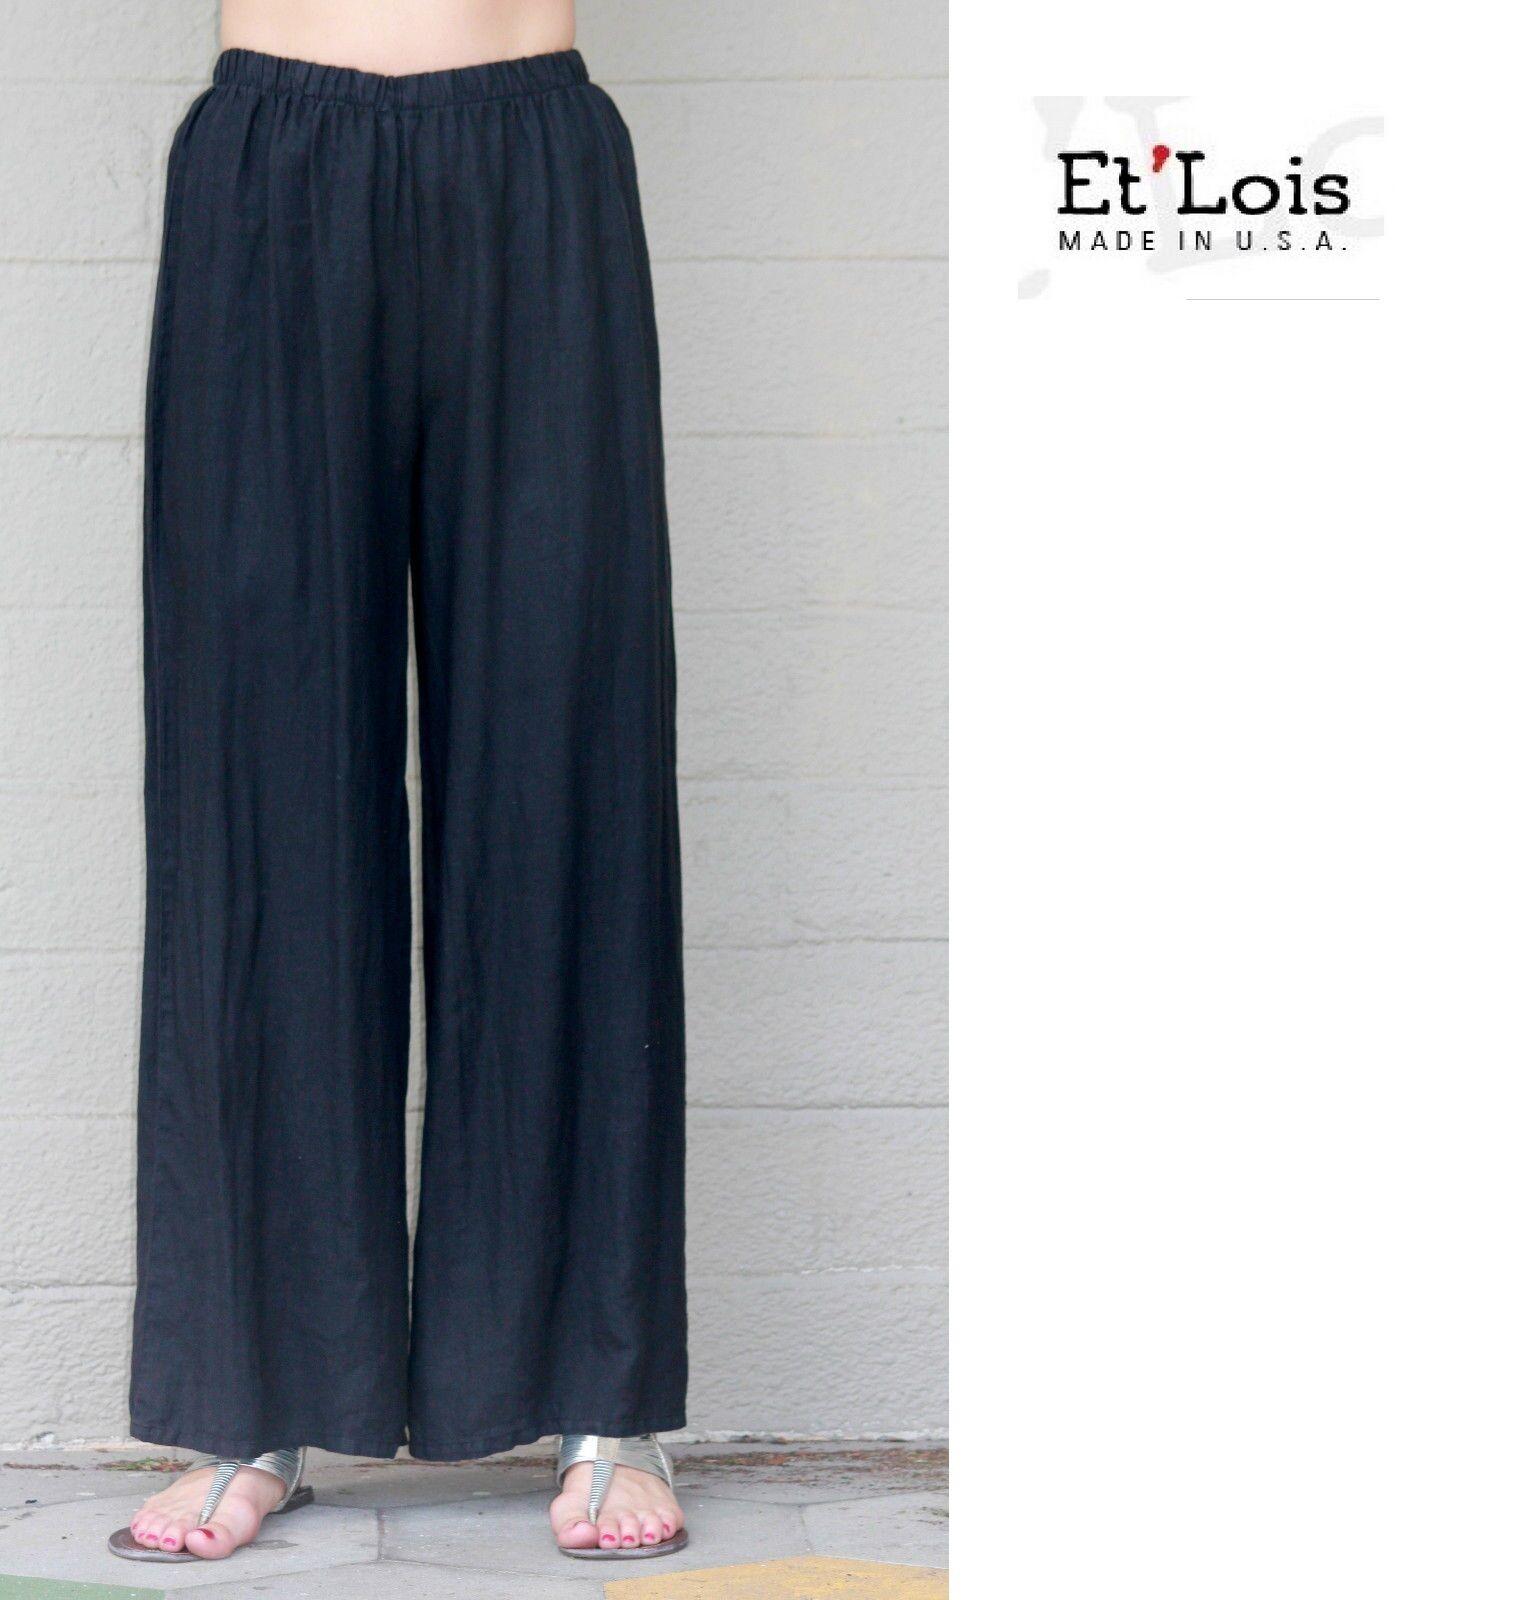 ET/'LOIS USA  Linen BEBE  PANT Wide-Leg  w// Deep Pocket Details  S M L XL  BLACK